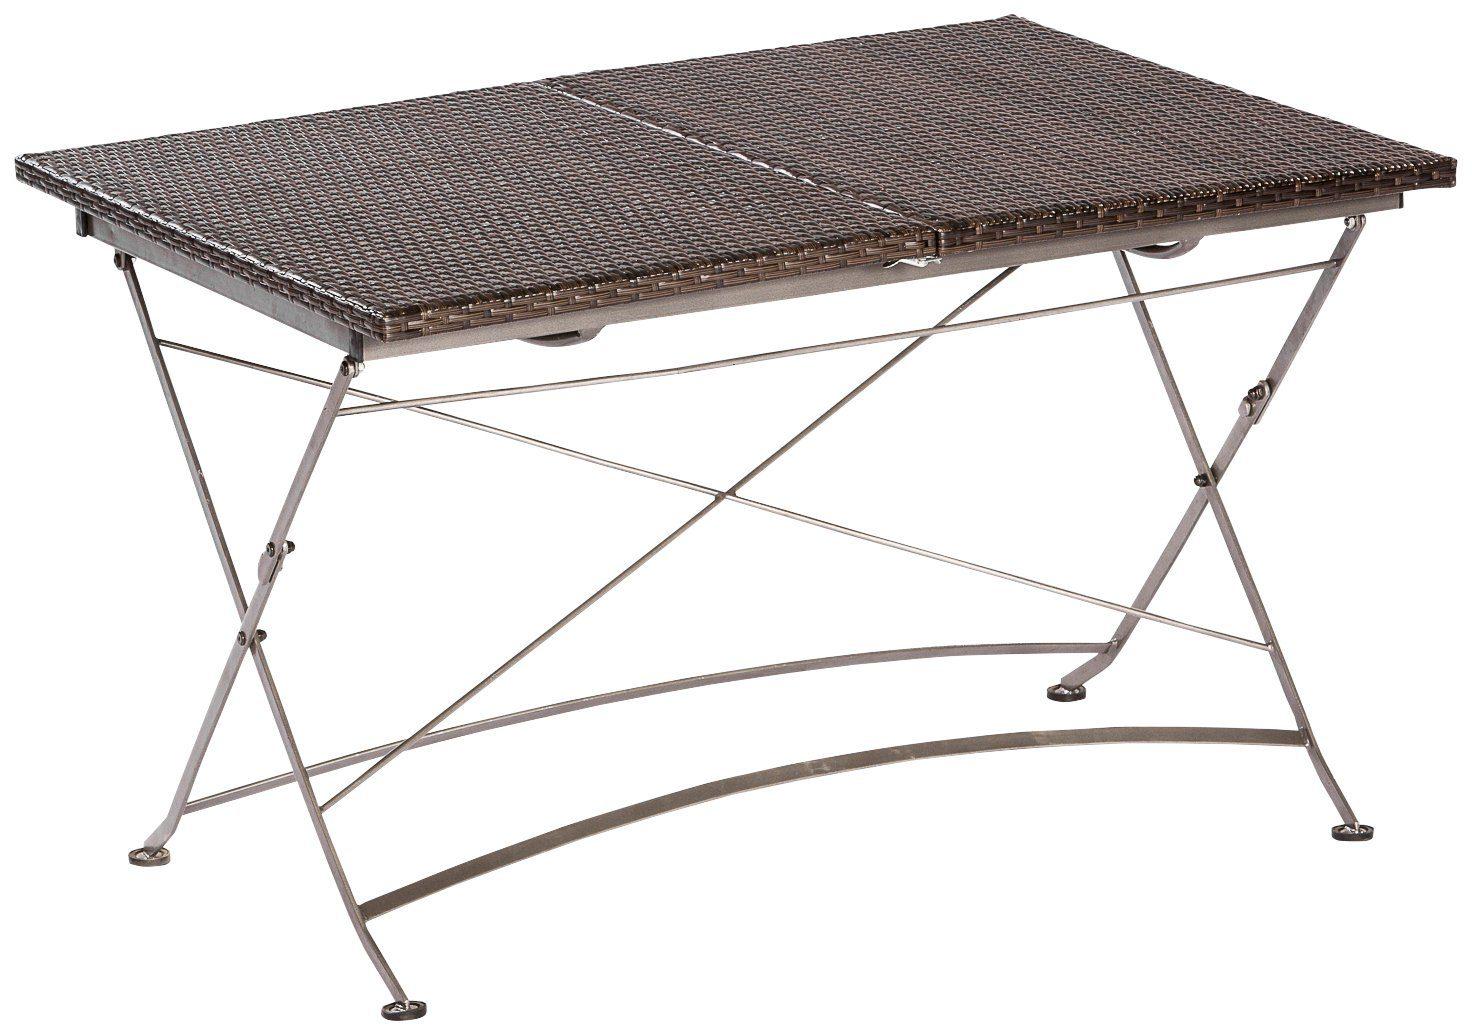 MERXX Gartentisch »Sanssouci«, Polyrattan, klappbar, ausziehbar, 180x90 cm, braun